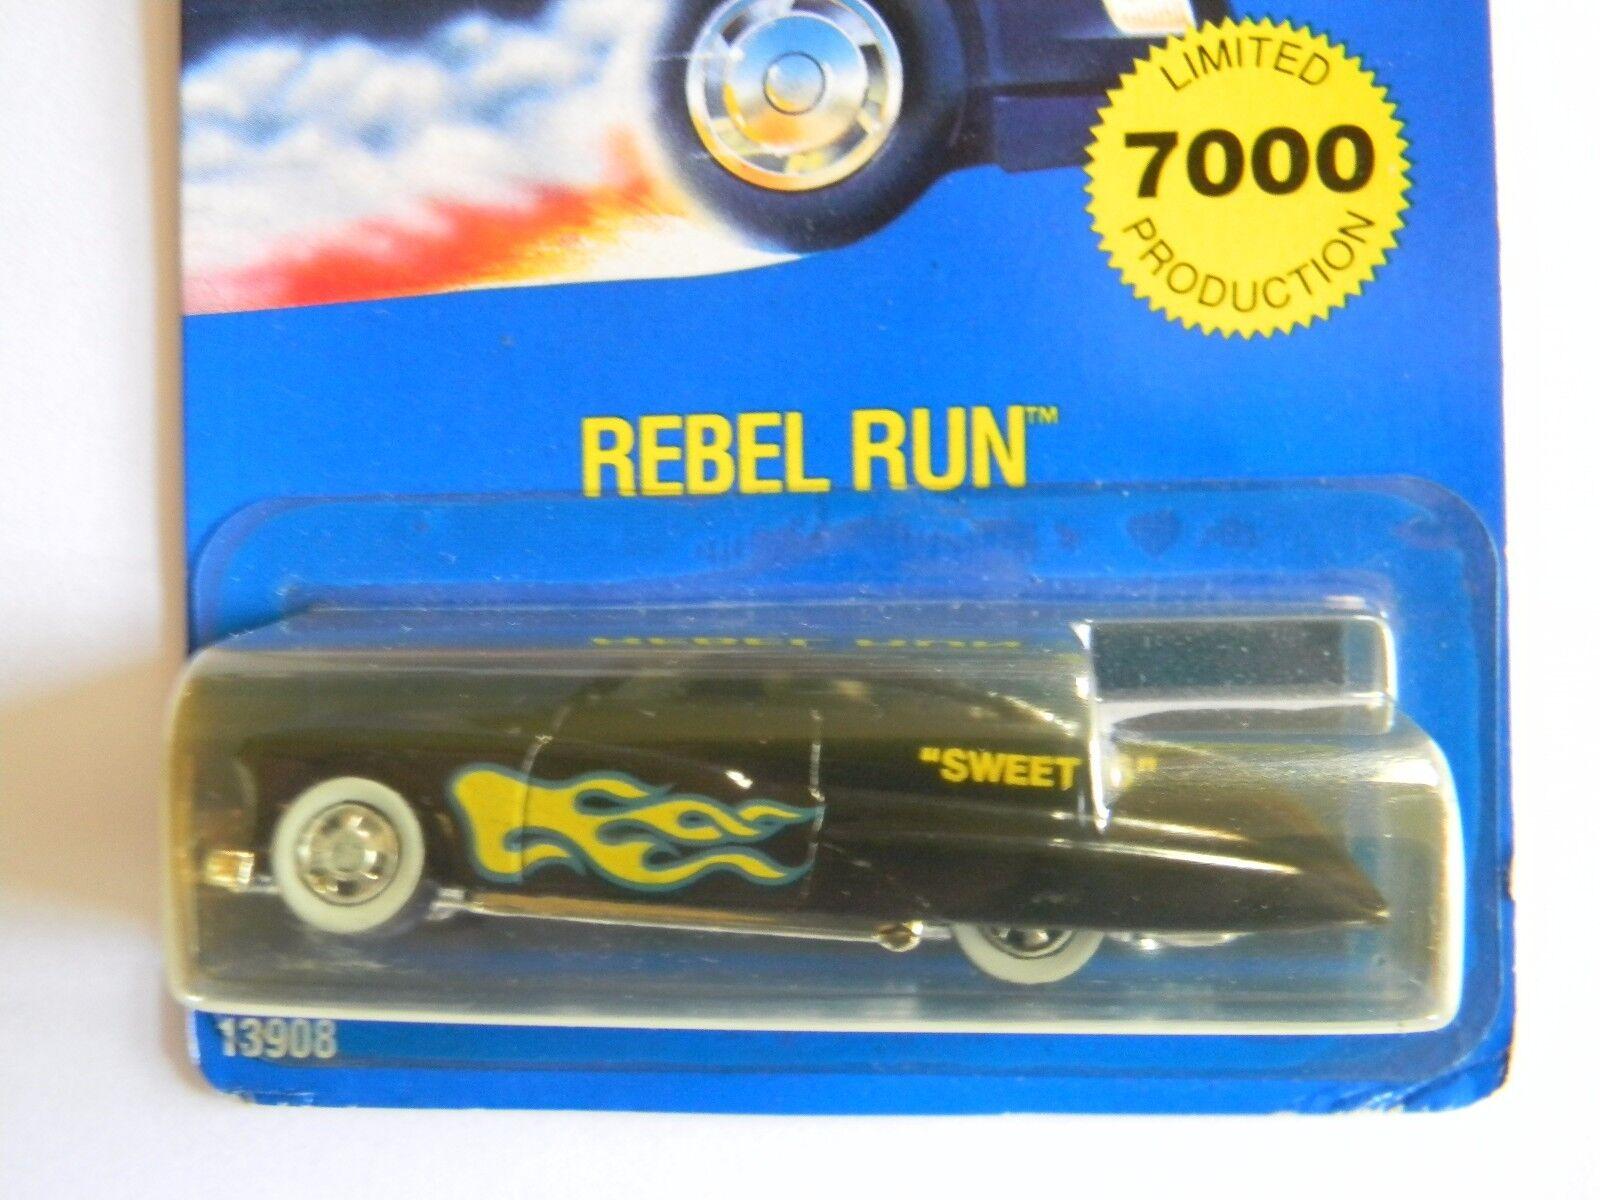 Tu satisfacción es nuestro objetivo Raro-rebelde Run-Dulce 16-Tarjeta Azul-hot Wheels-Original-Muy Wheels-Original-Muy Wheels-Original-Muy difícil de encontrar-Edición Limitada.  en stock